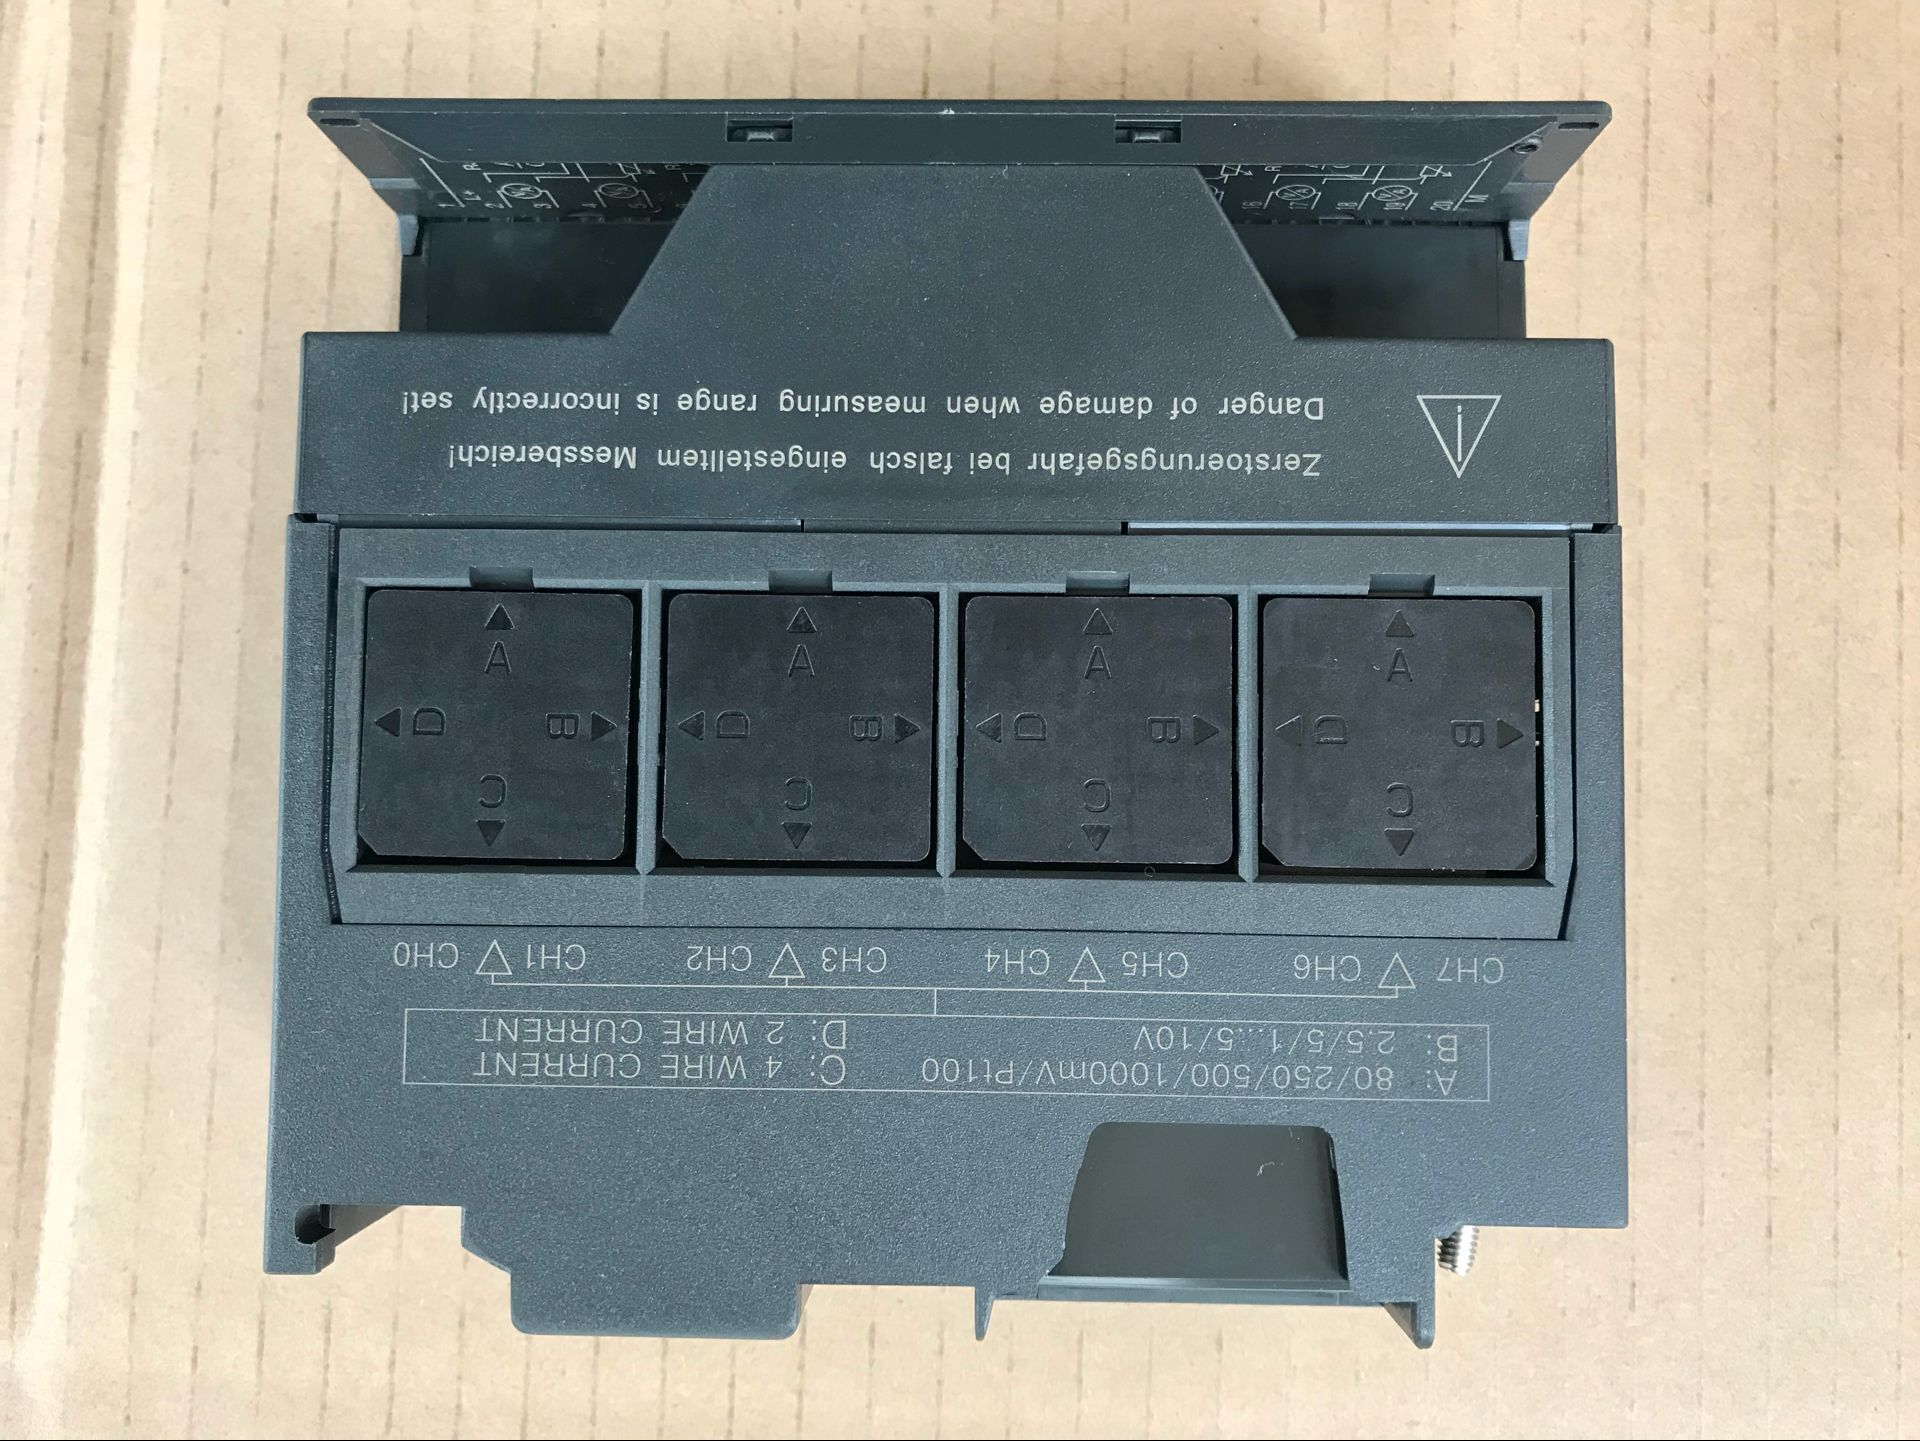 国産互換シーメンスplc互換シーメンス331-7KF02